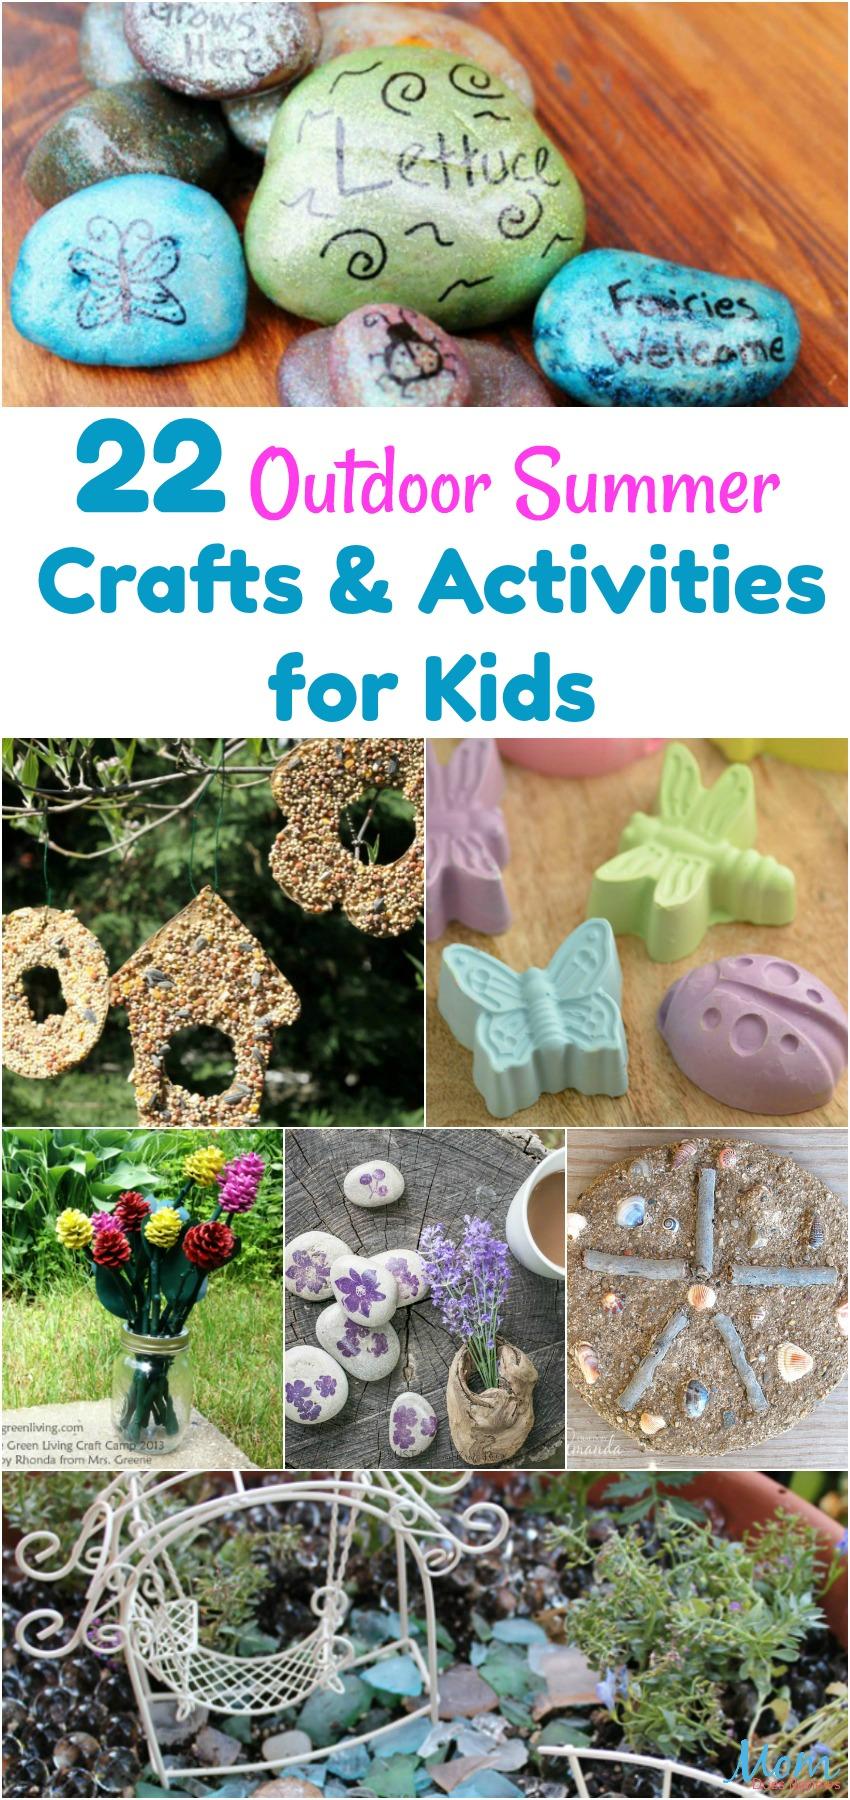 22 Outdoor Summer Crafts & Activities for Kids vertical banner